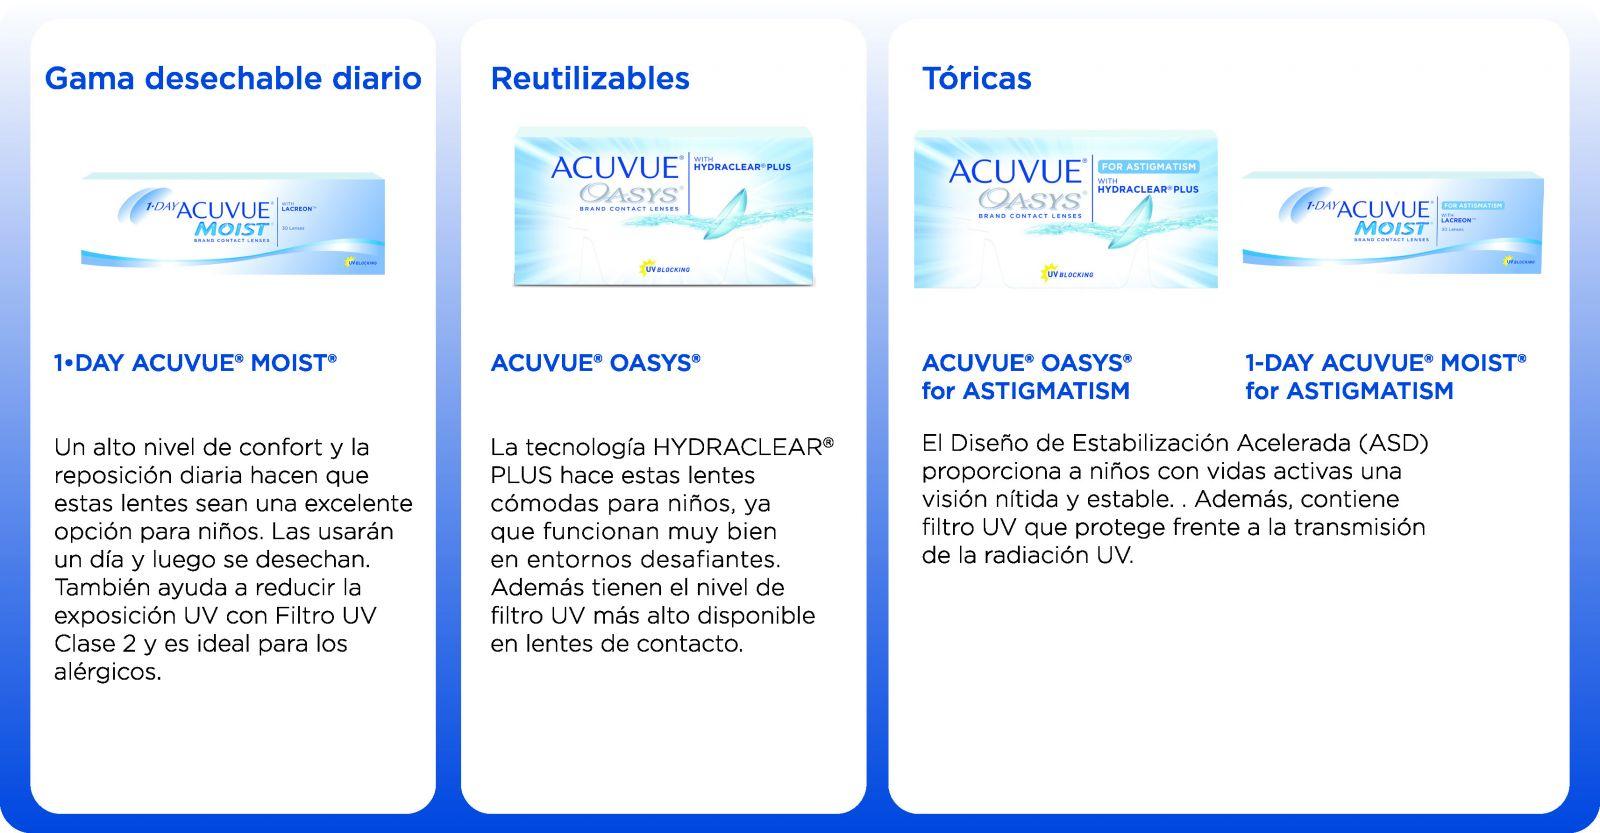 ac867e757e ACUVUE ® ofrece una serie de opciones para el uso diario o lentes de contacto  desechables diarias que facilitan que niños y adolescentes usen con éxito  las ...